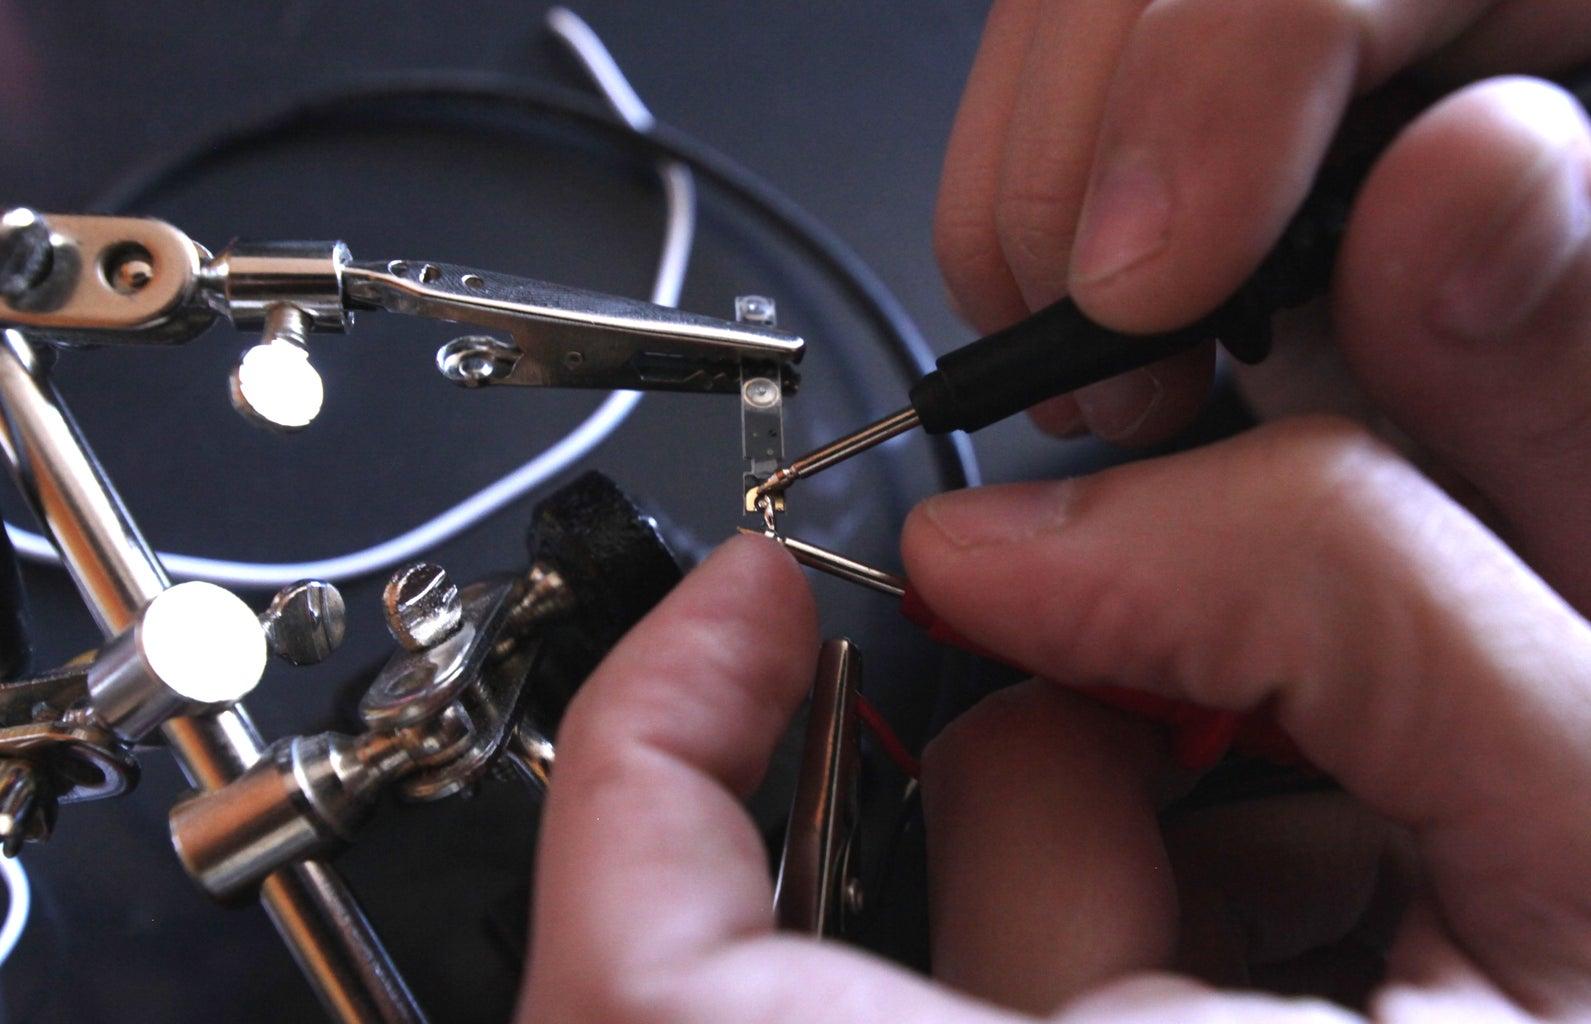 Paso 4 - Suelda El Cable Positivo a La PCB